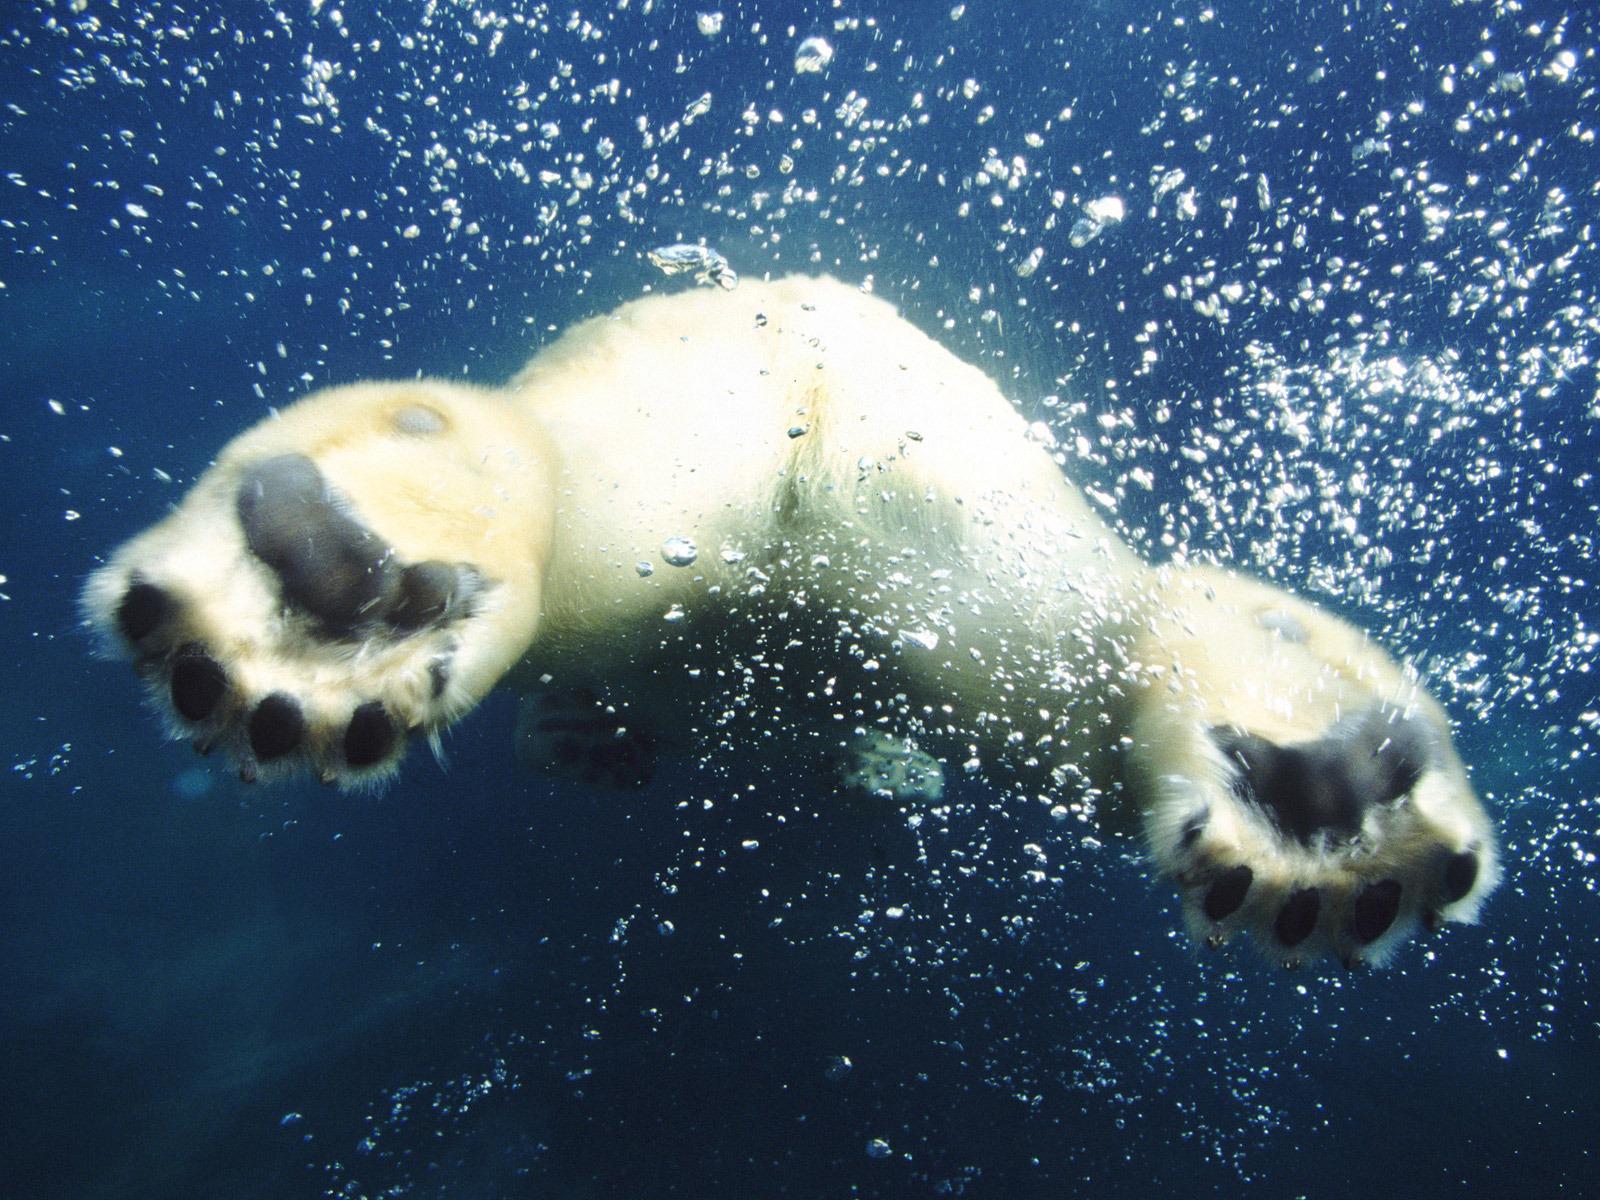 Белый медведь под водой, попа, плывет, обои для рабочего стола